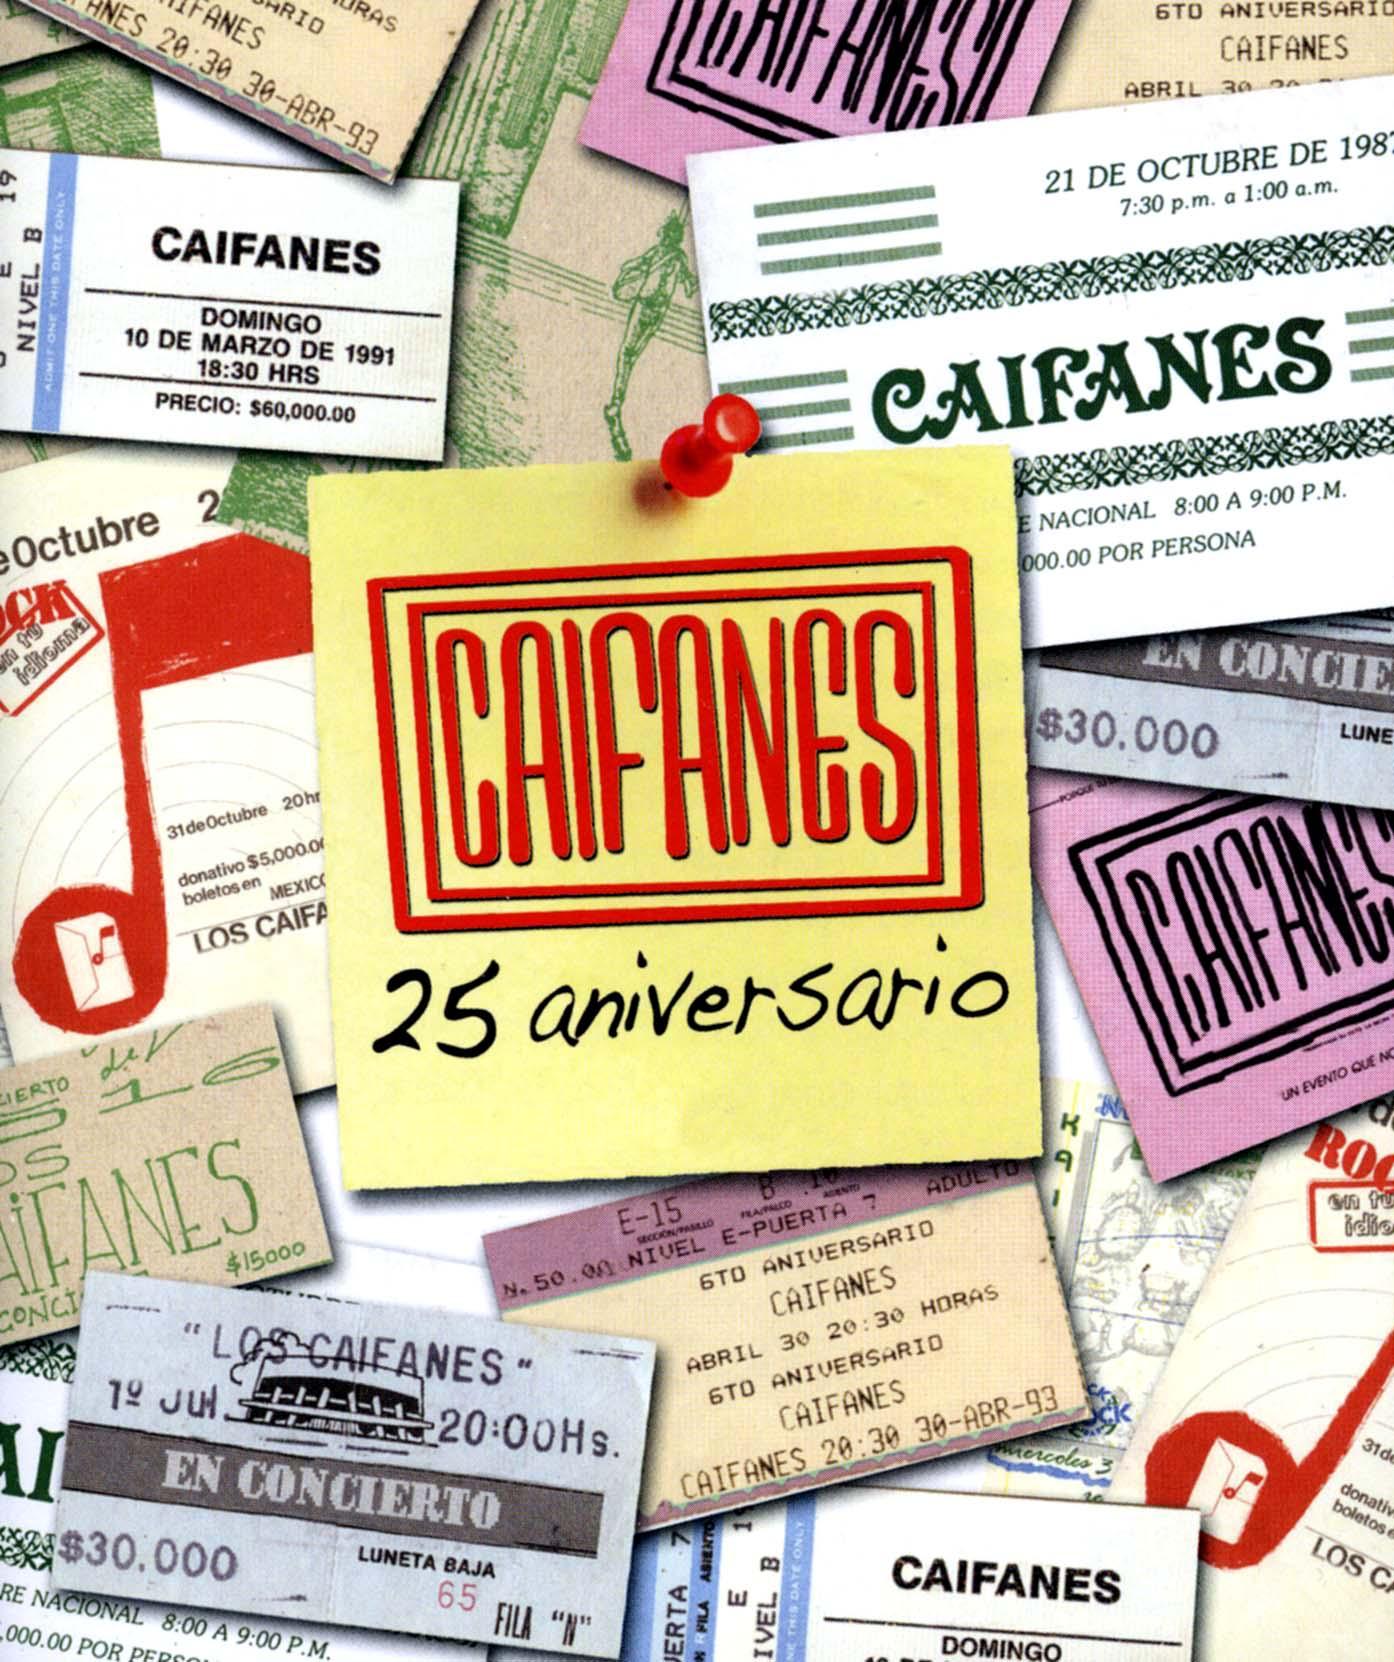 Caifanes: 25 Aniversario